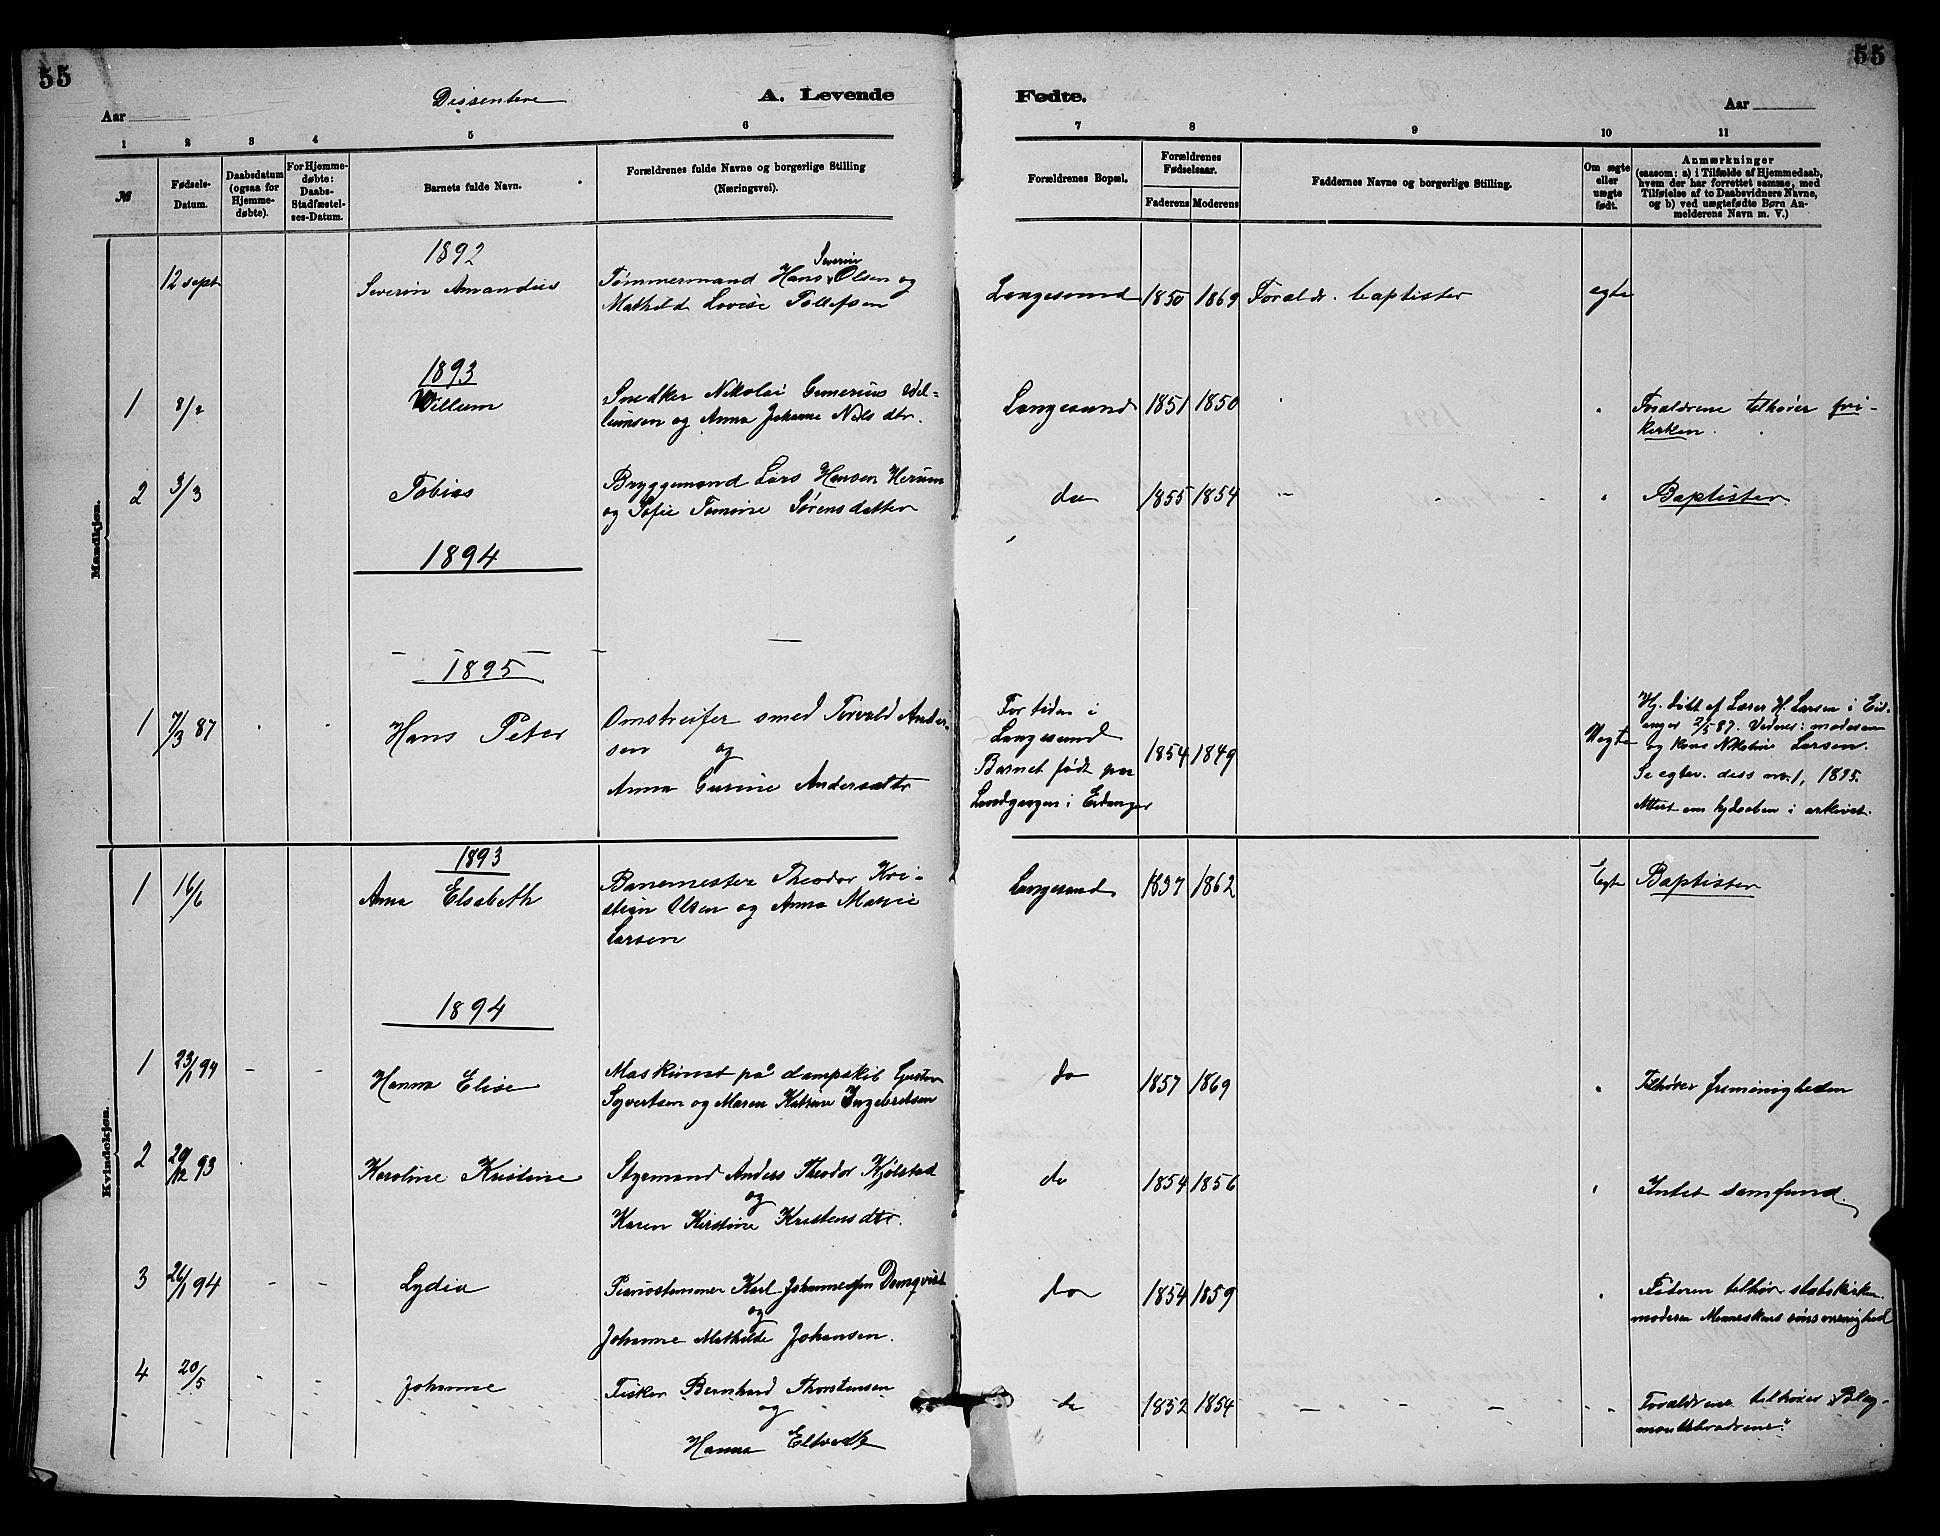 SAKO, Langesund kirkebøker, G/Ga/L0005: Klokkerbok nr. 5, 1884-1898, s. 55